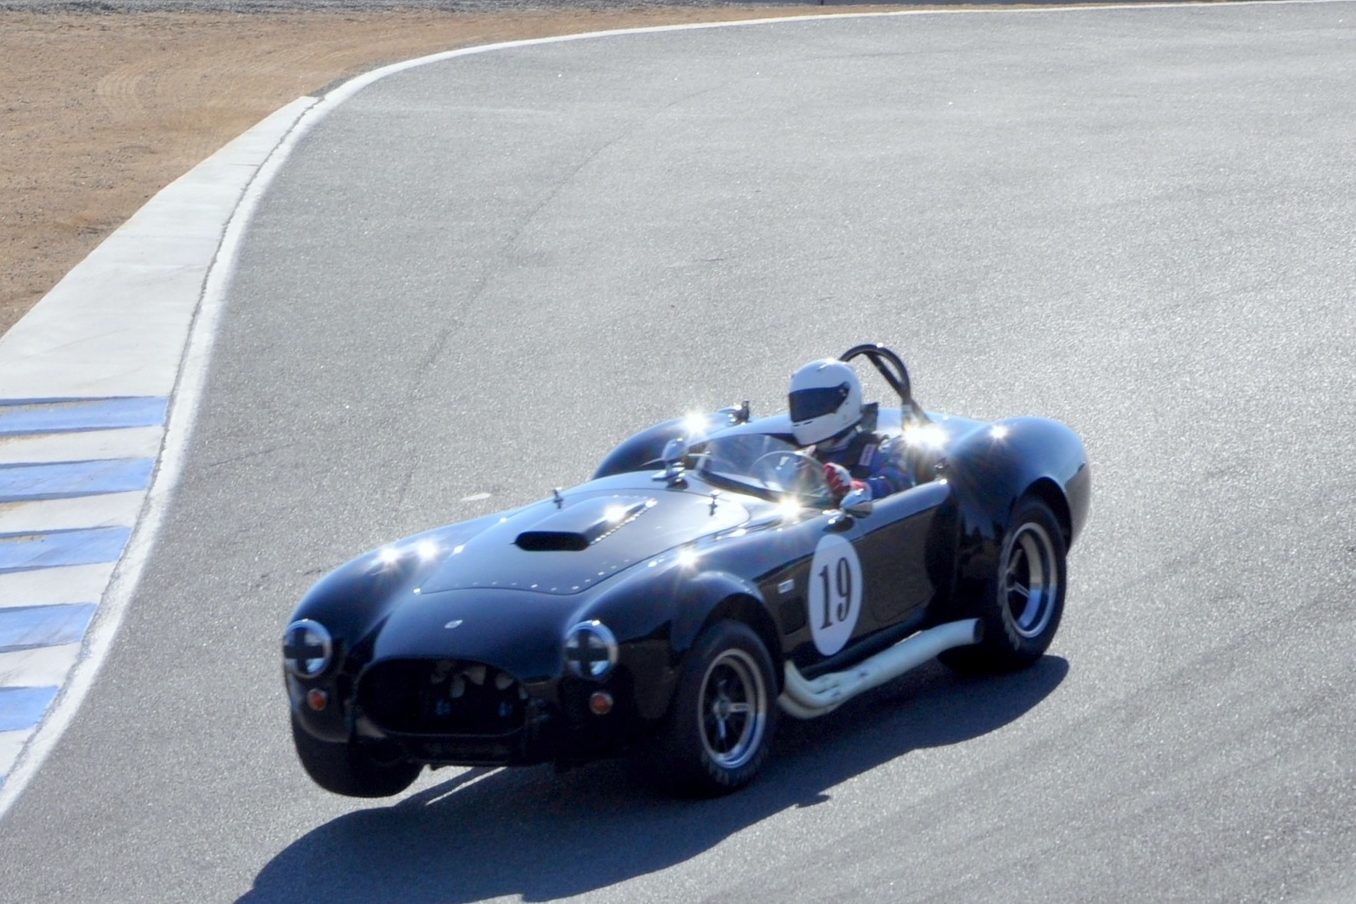 COBRA PIC FOR RACE ENTRY.jpg